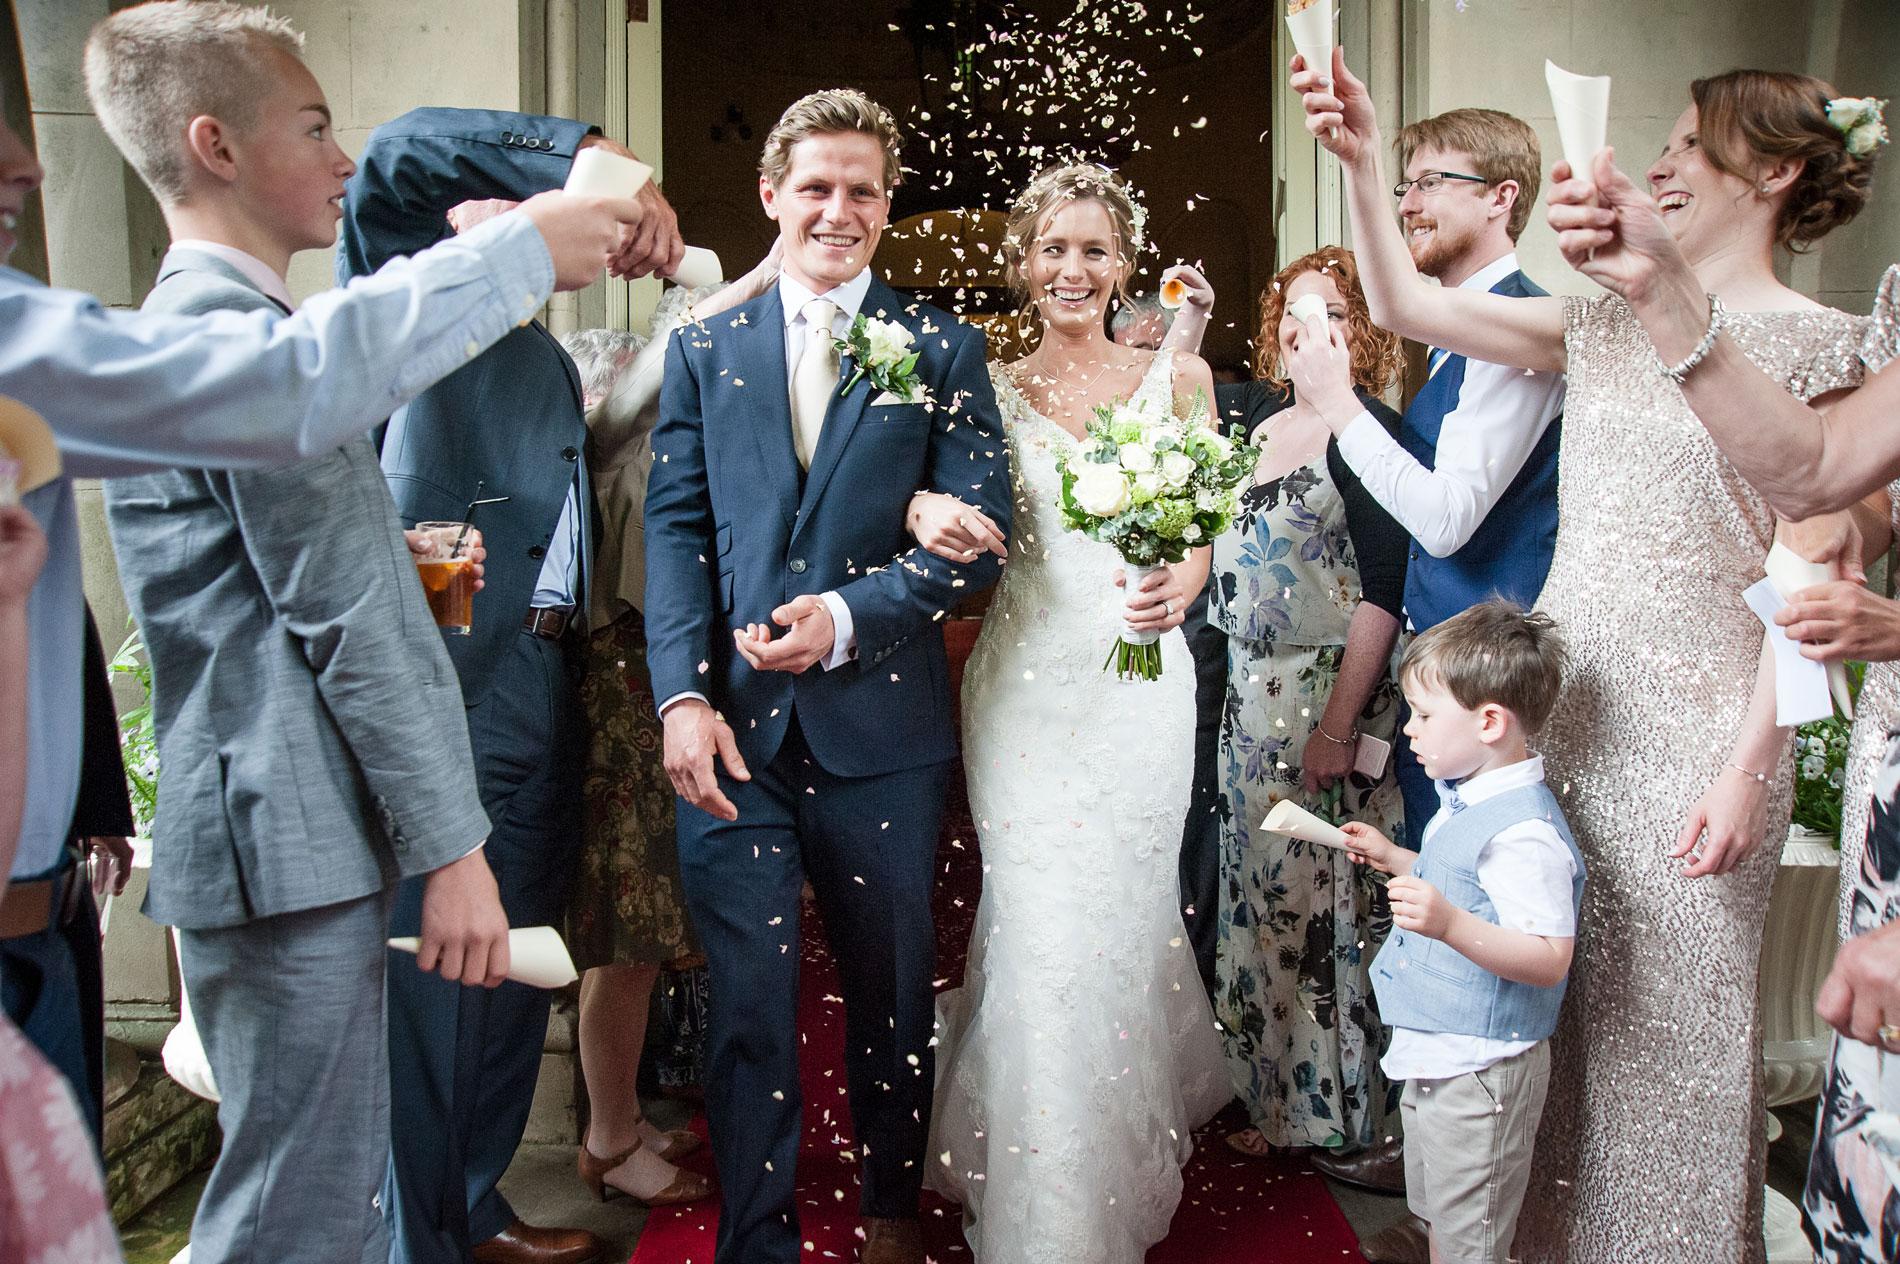 Kilworth-weddings-_31.jpg